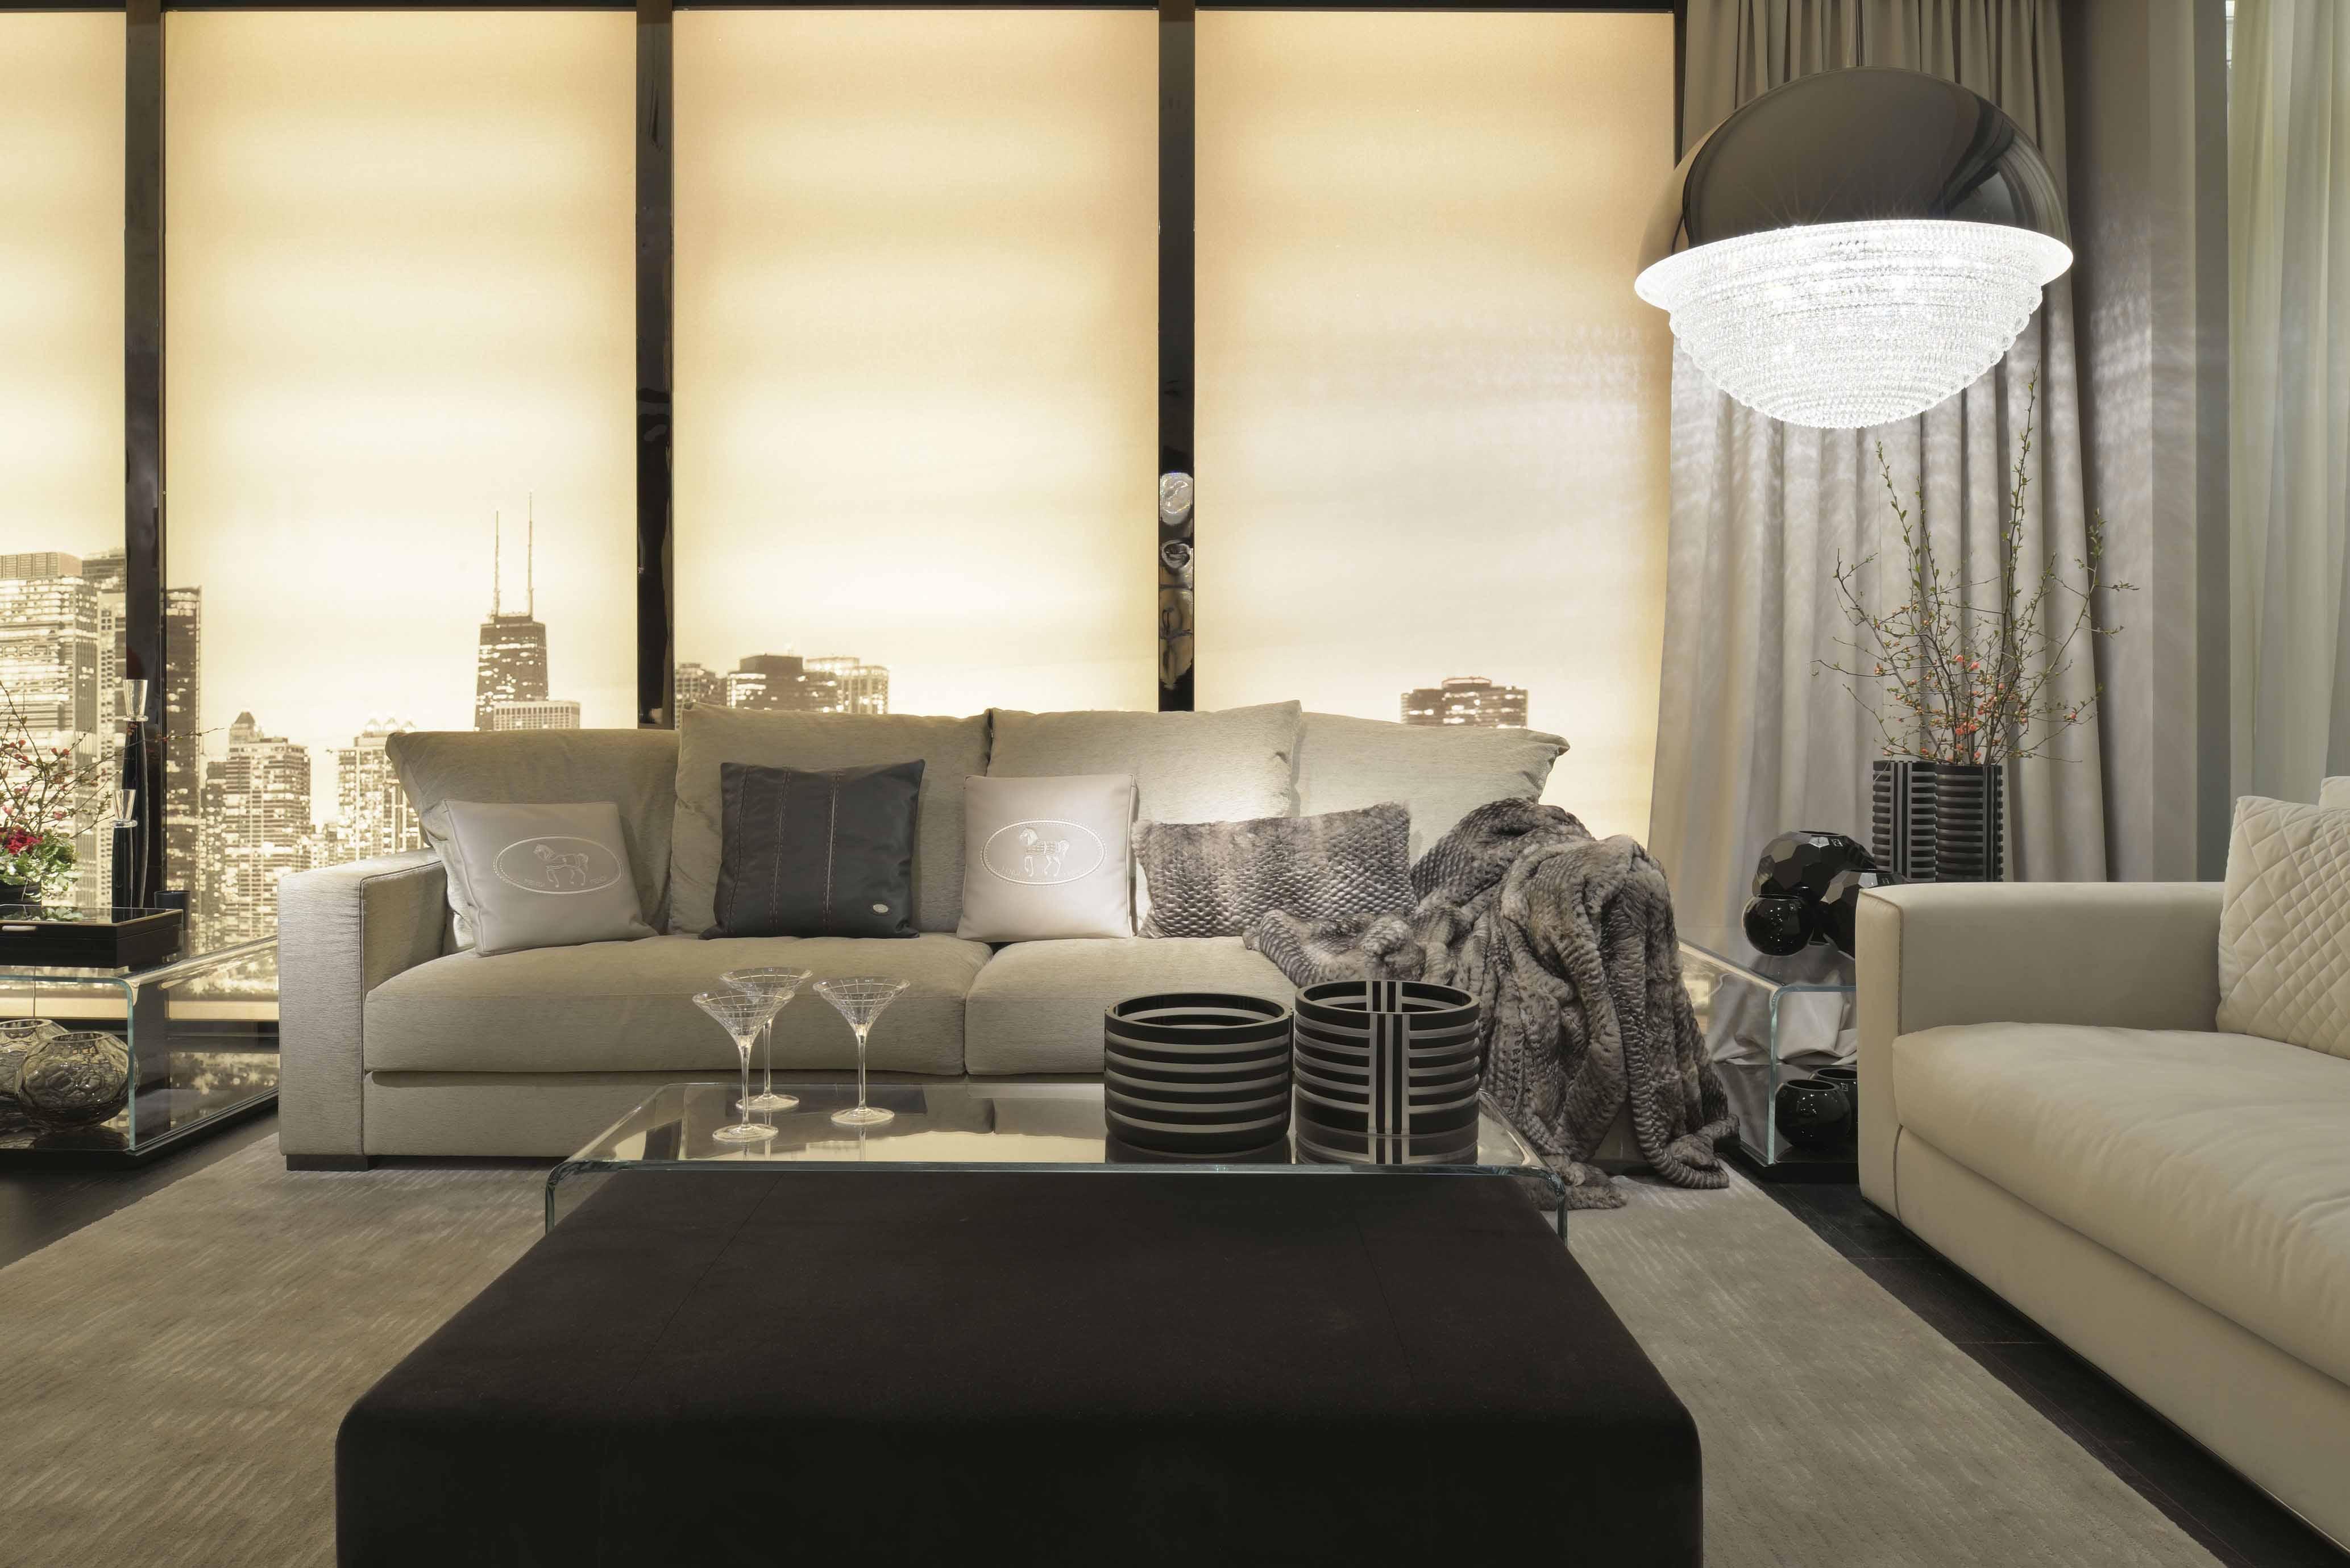 International Home Decor